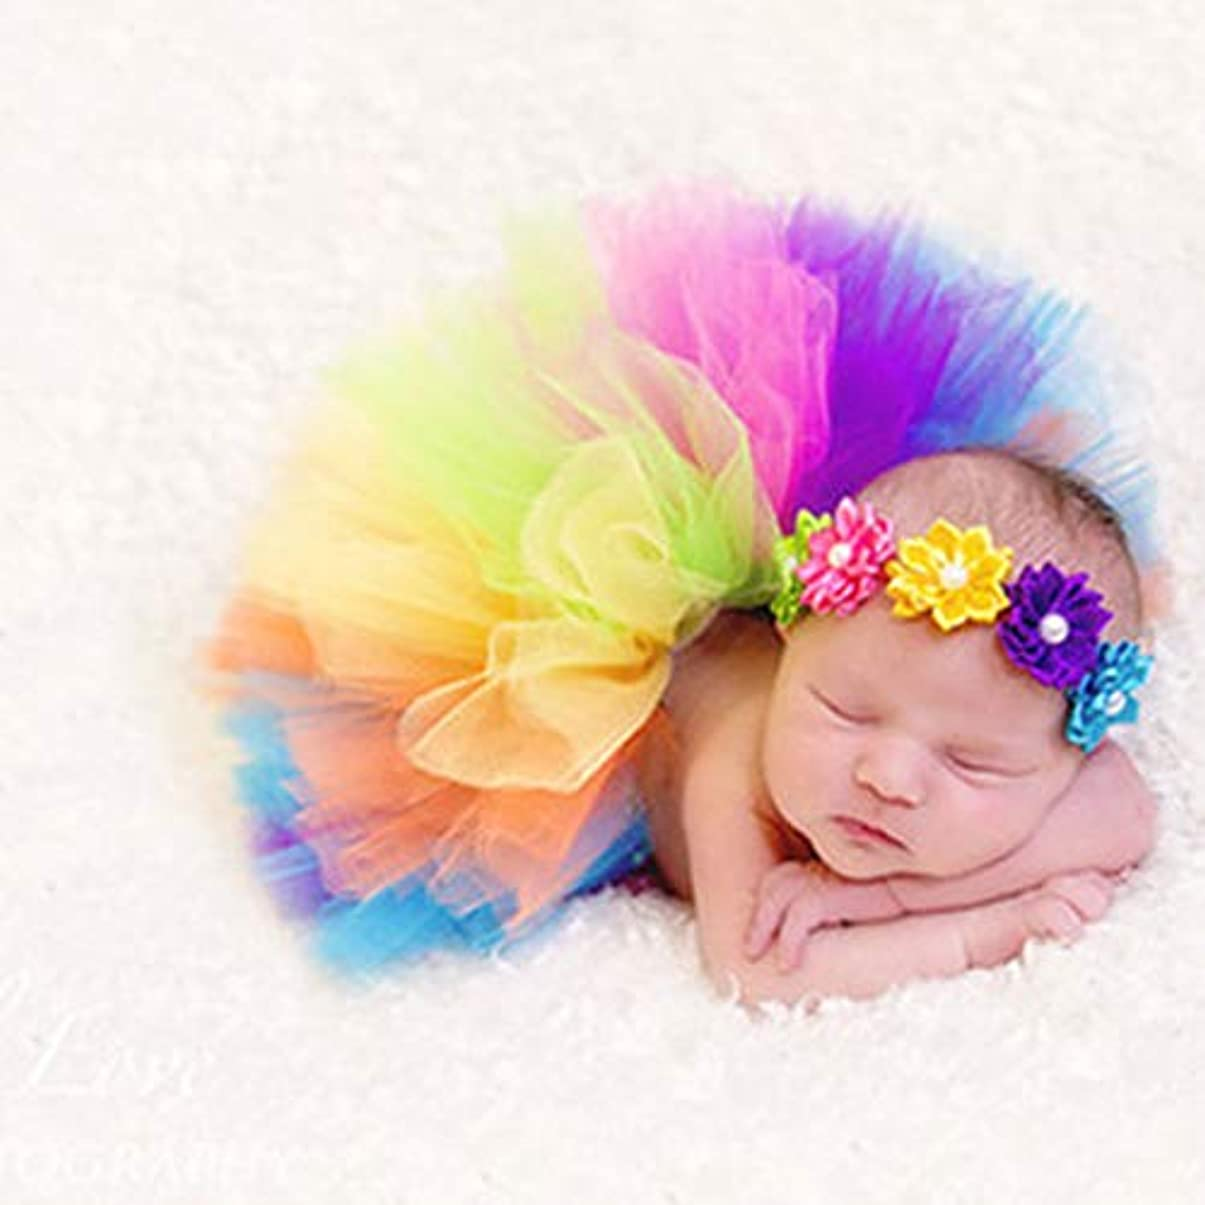 溢れんばかりの私たちのもの政治Fiyomet 生まれたばかりの赤ちゃんの写真プロップガールチュチュスカート付きヘッドバンド衣装赤ちゃん写真プロップかぎ針編みベビー服